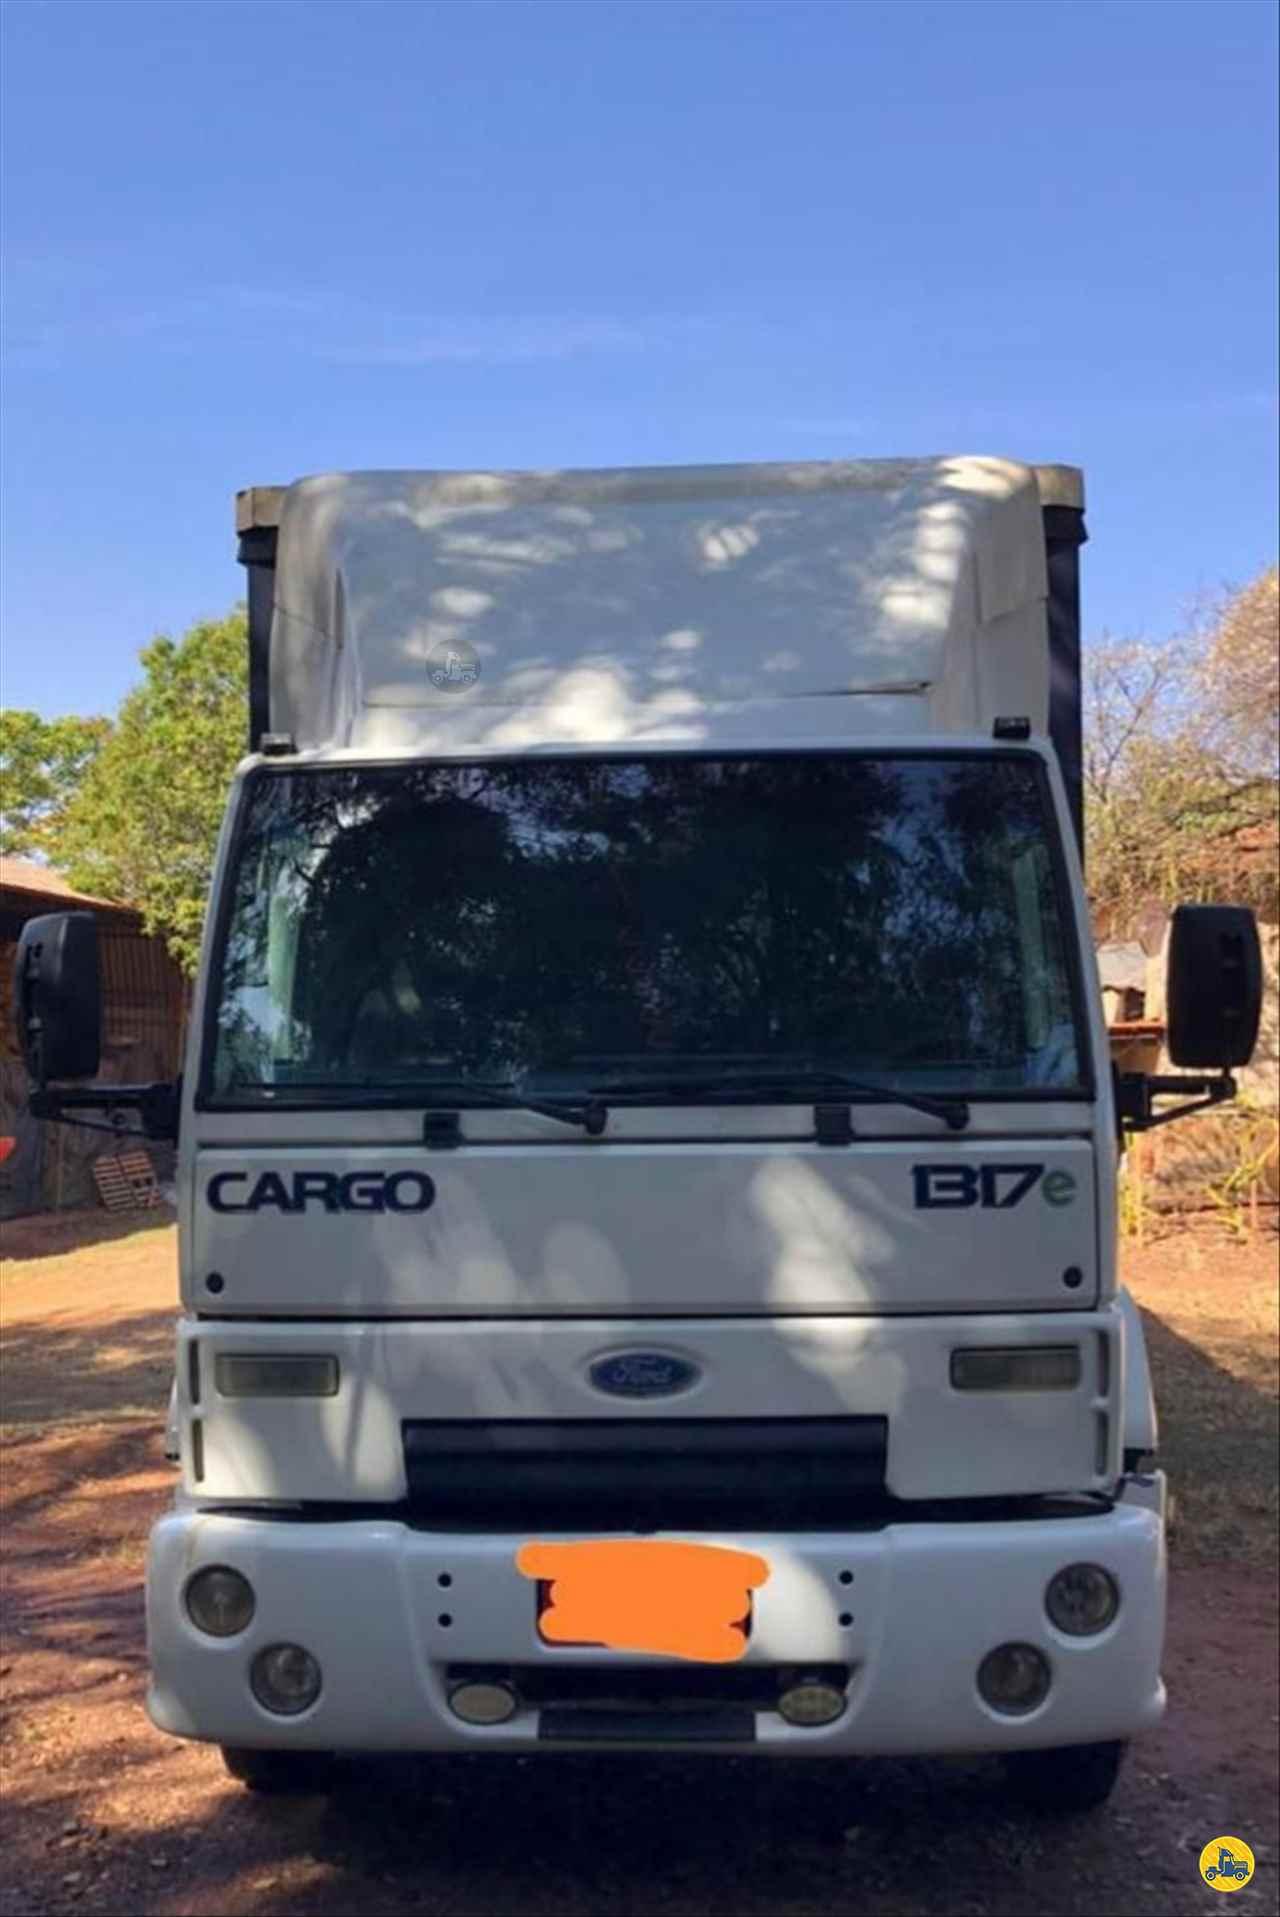 CAMINHAO FORD CARGO 1317 Baú Sider Toco 4x2 GP Trucks PIRACICABA SÃO PAULO SP